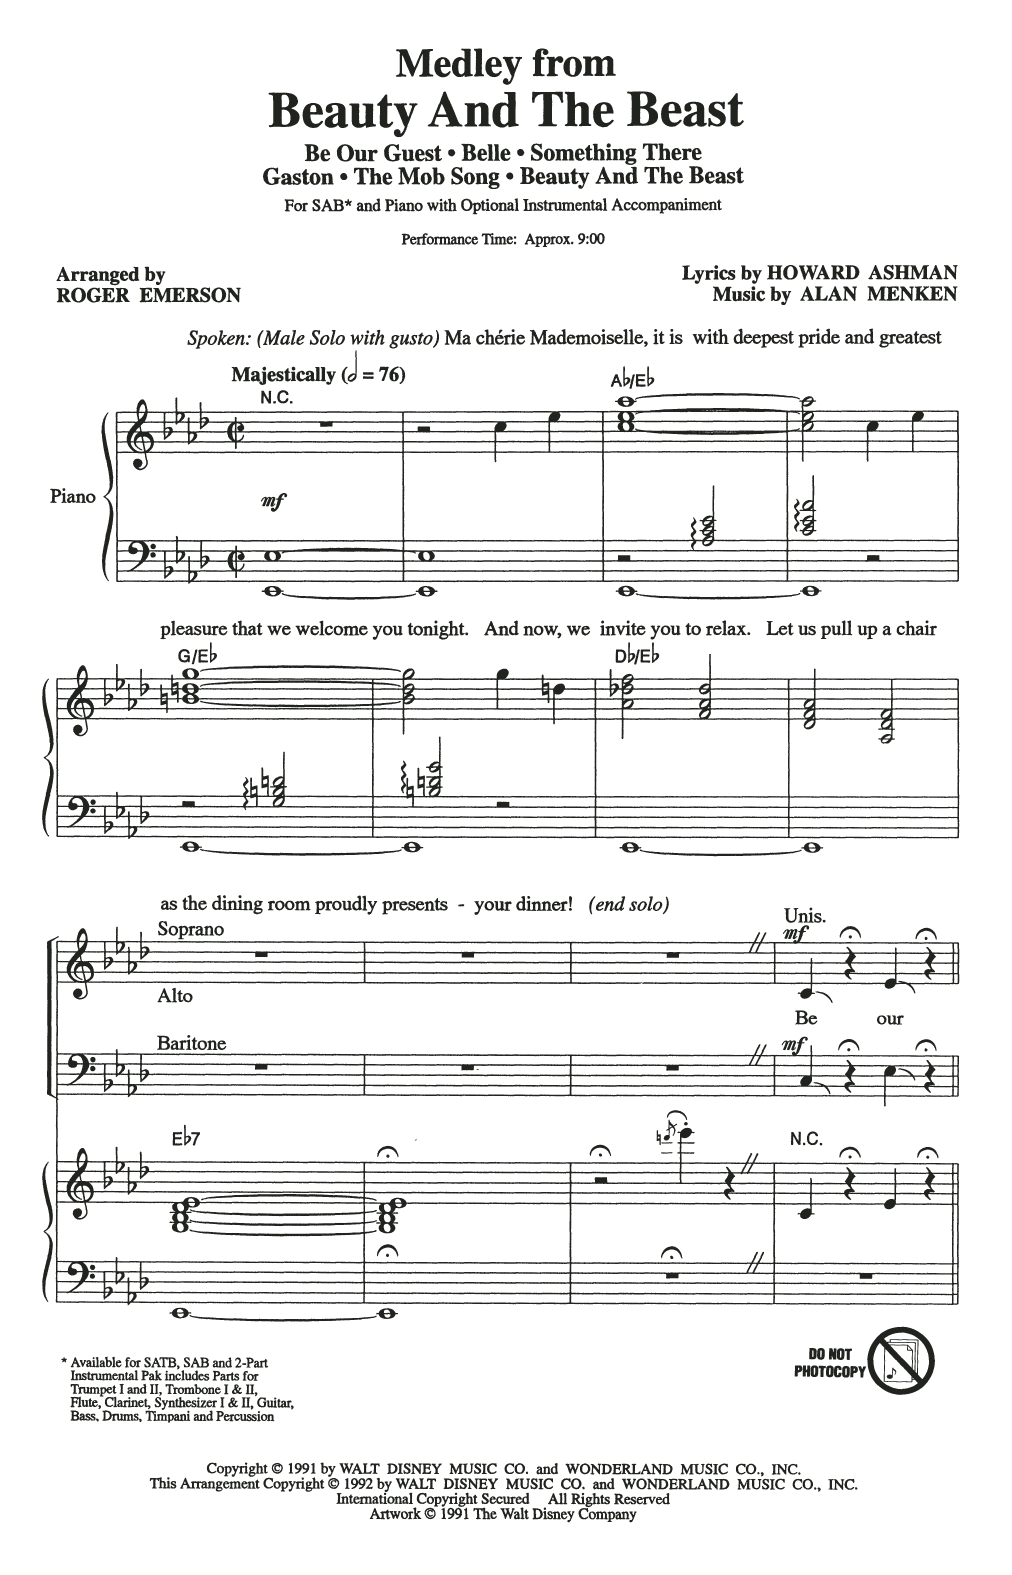 Beauty And The Beast (Medley) (arr. Roger Emerson) (SAB Choir)